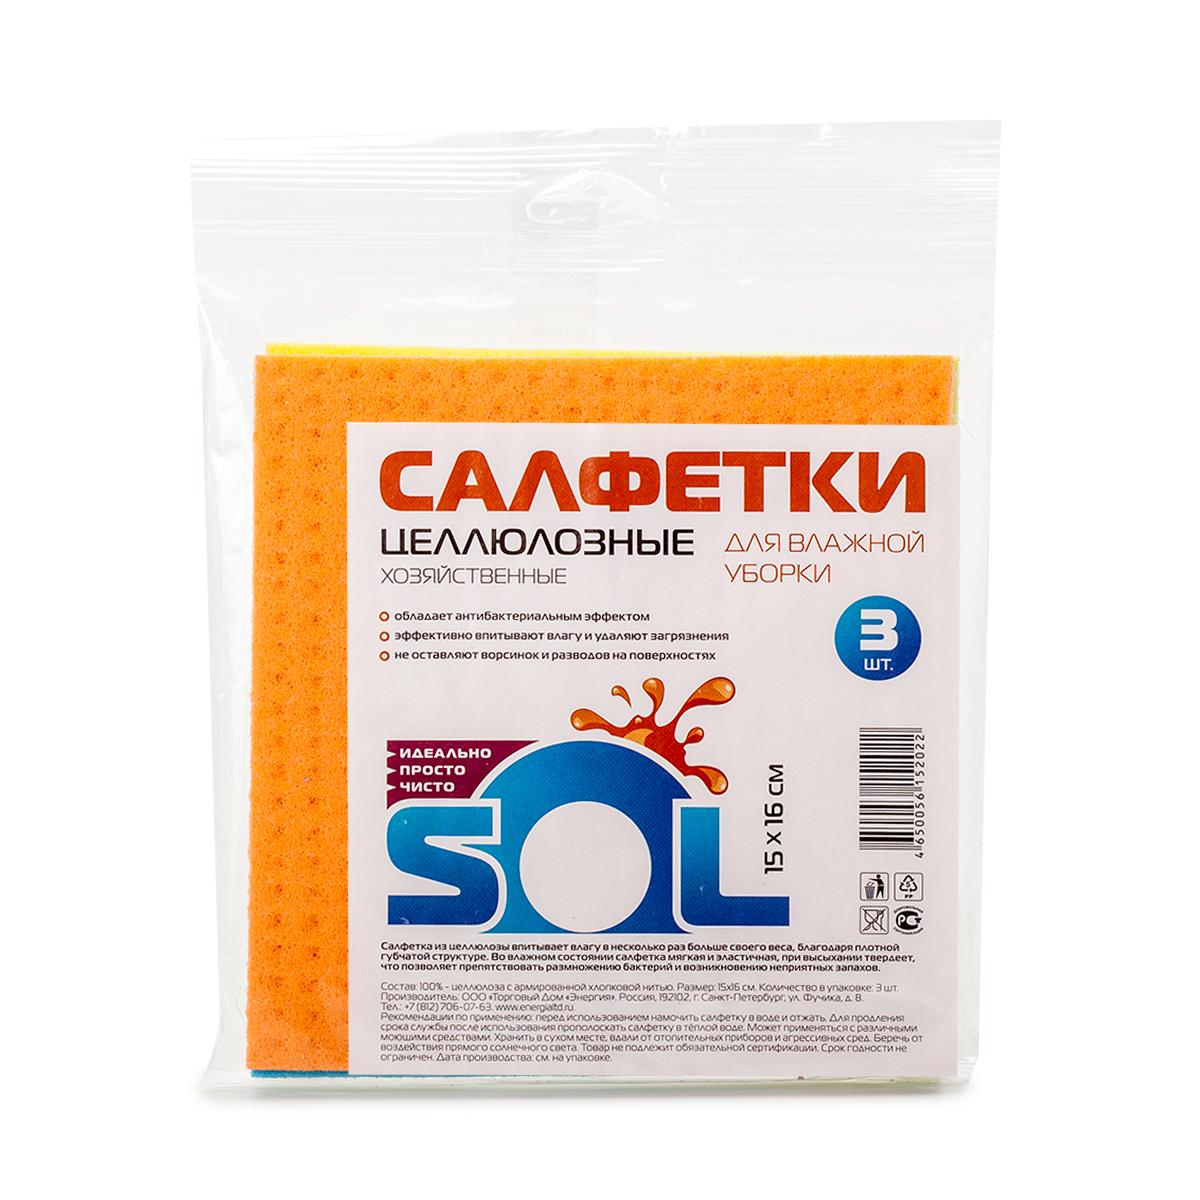 Салфетка хозяйственная Sol, целлюлозная, 15 x 16 см, 3 шт10032Хозяйственная салфетка Sol предназначена для мытья, протирания и полировки. Салфетка выполнена из целлюлозы с добавлением армированной хлопковой нити. Она хорошо поглощает влагу, эффективно очищает поверхности и не оставляет ворсинок. Идеальна для ухода за столешницами и раковиной на кухне, за стеклом и зеркалами, деревянной мебелью. Может использоваться в сухом и влажном виде.